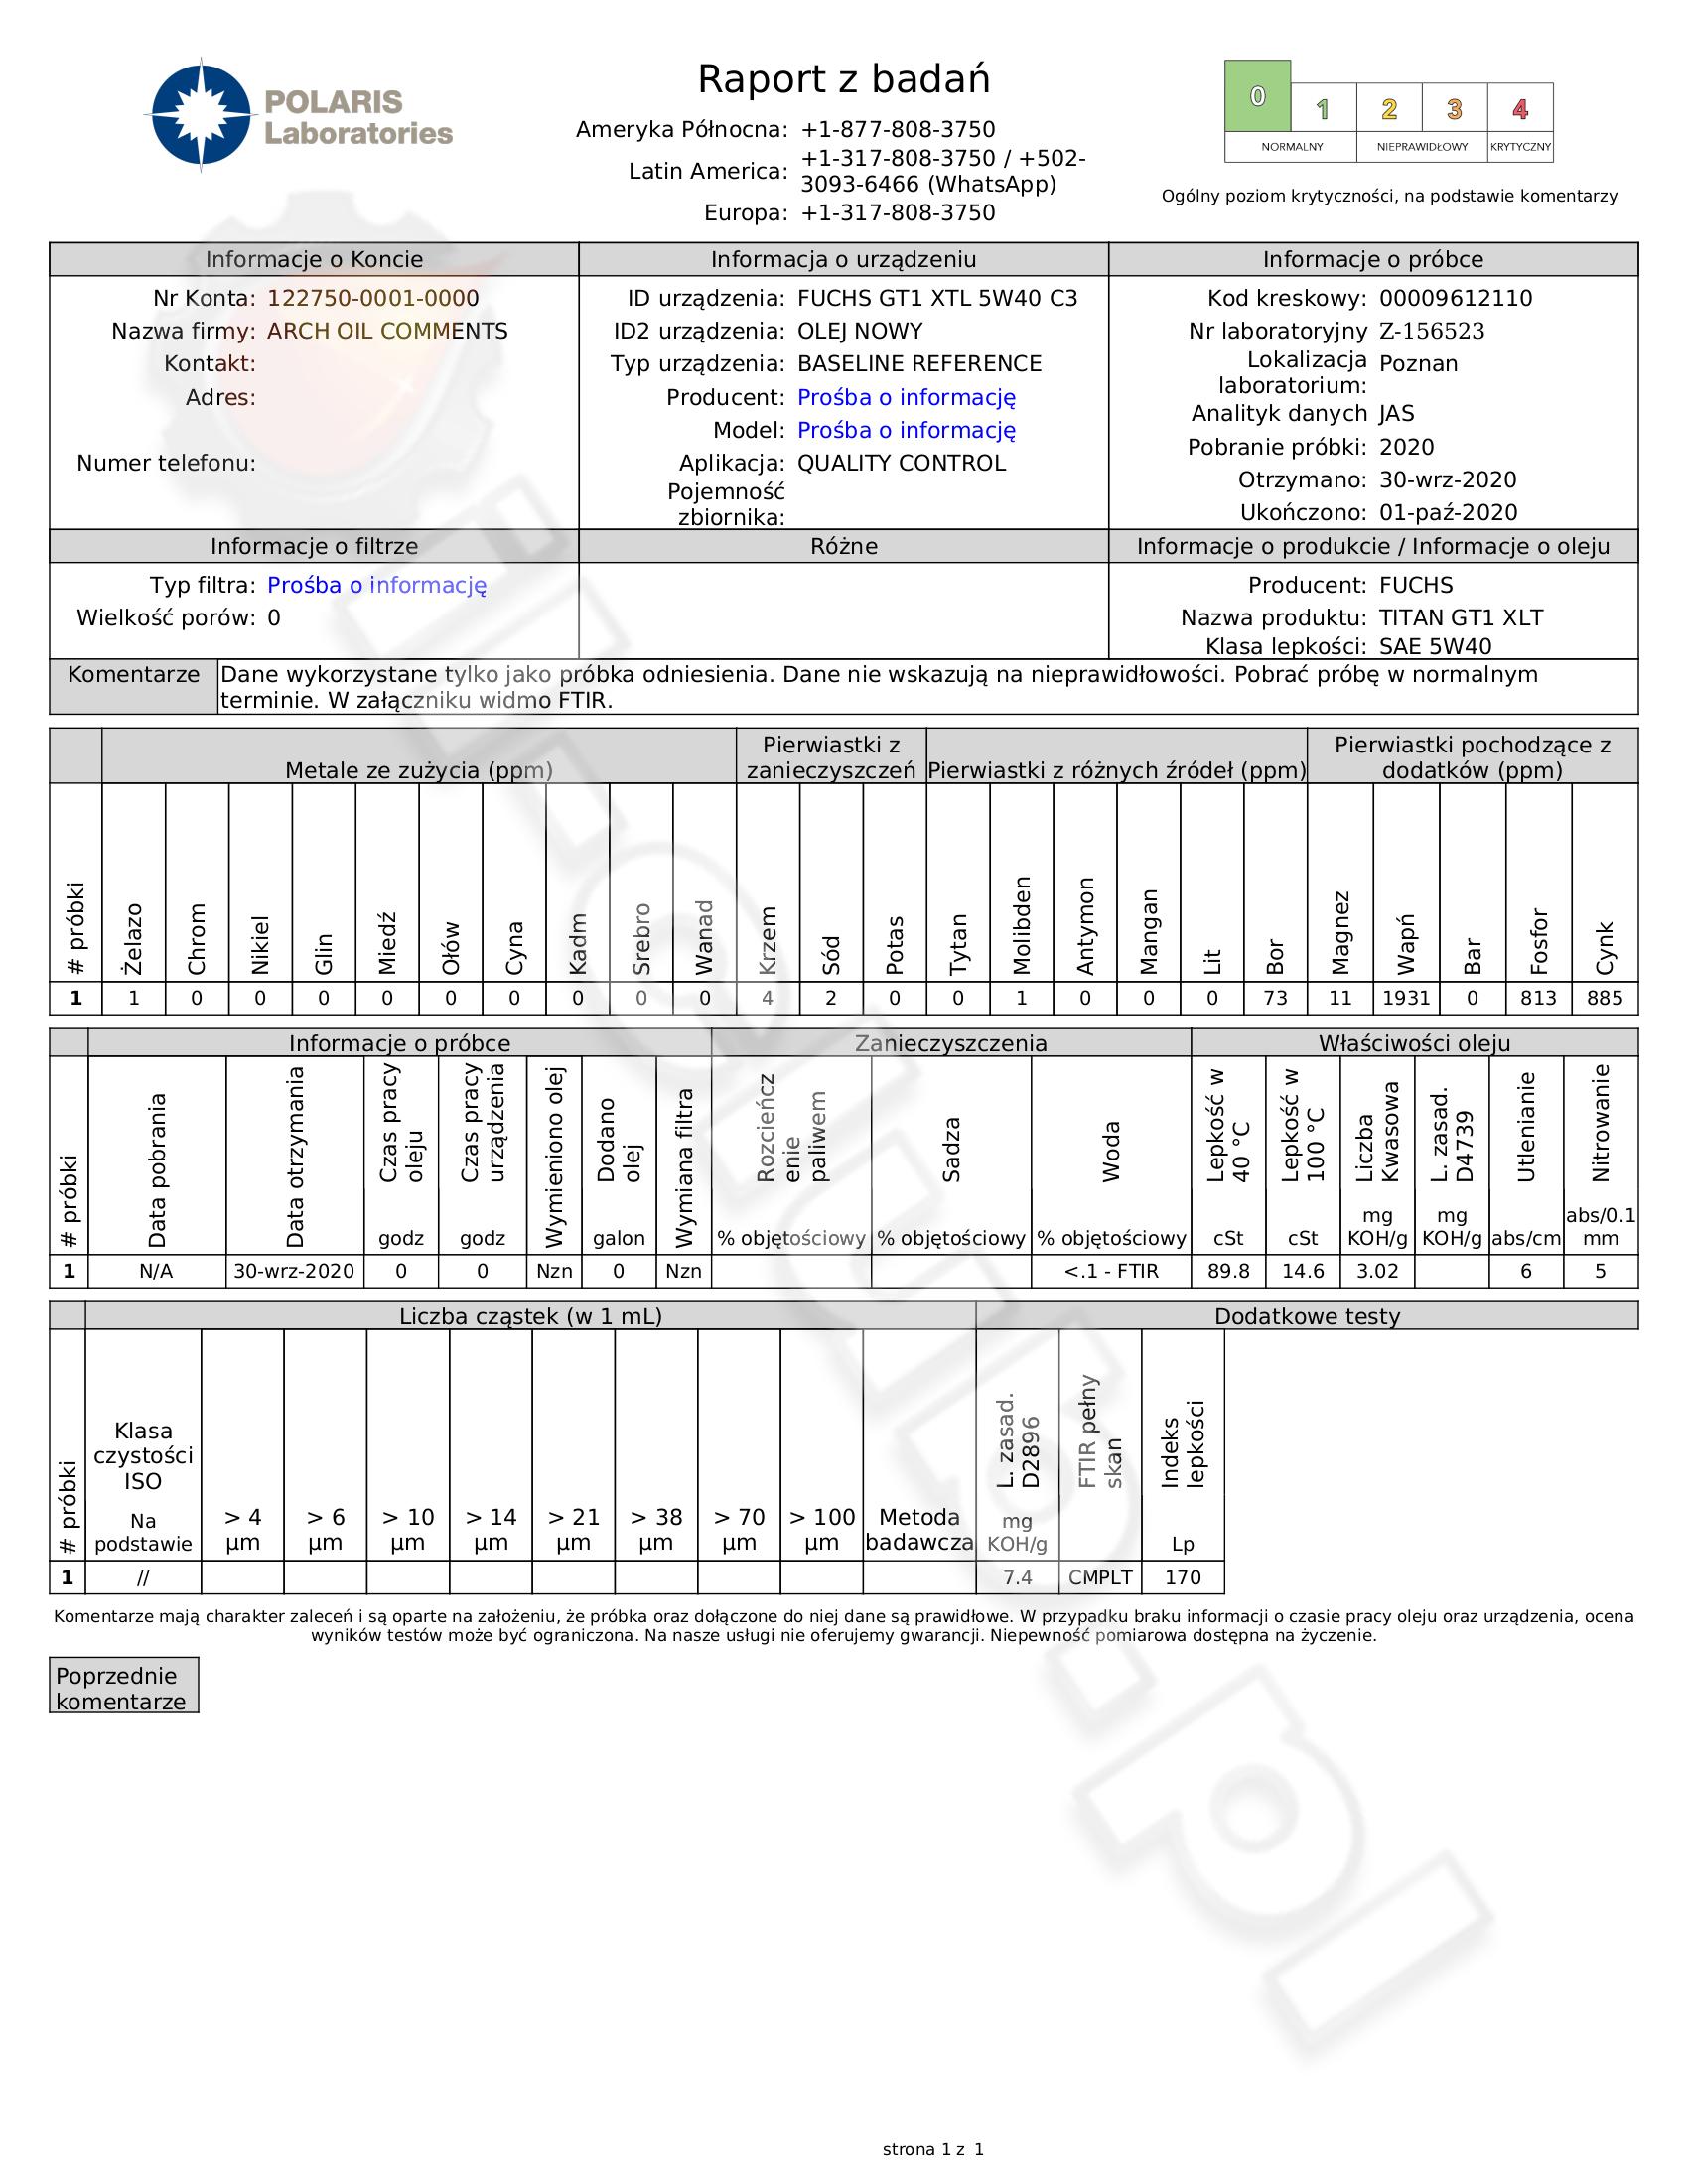 fuchs-xtl-5w-40-c3.jpg